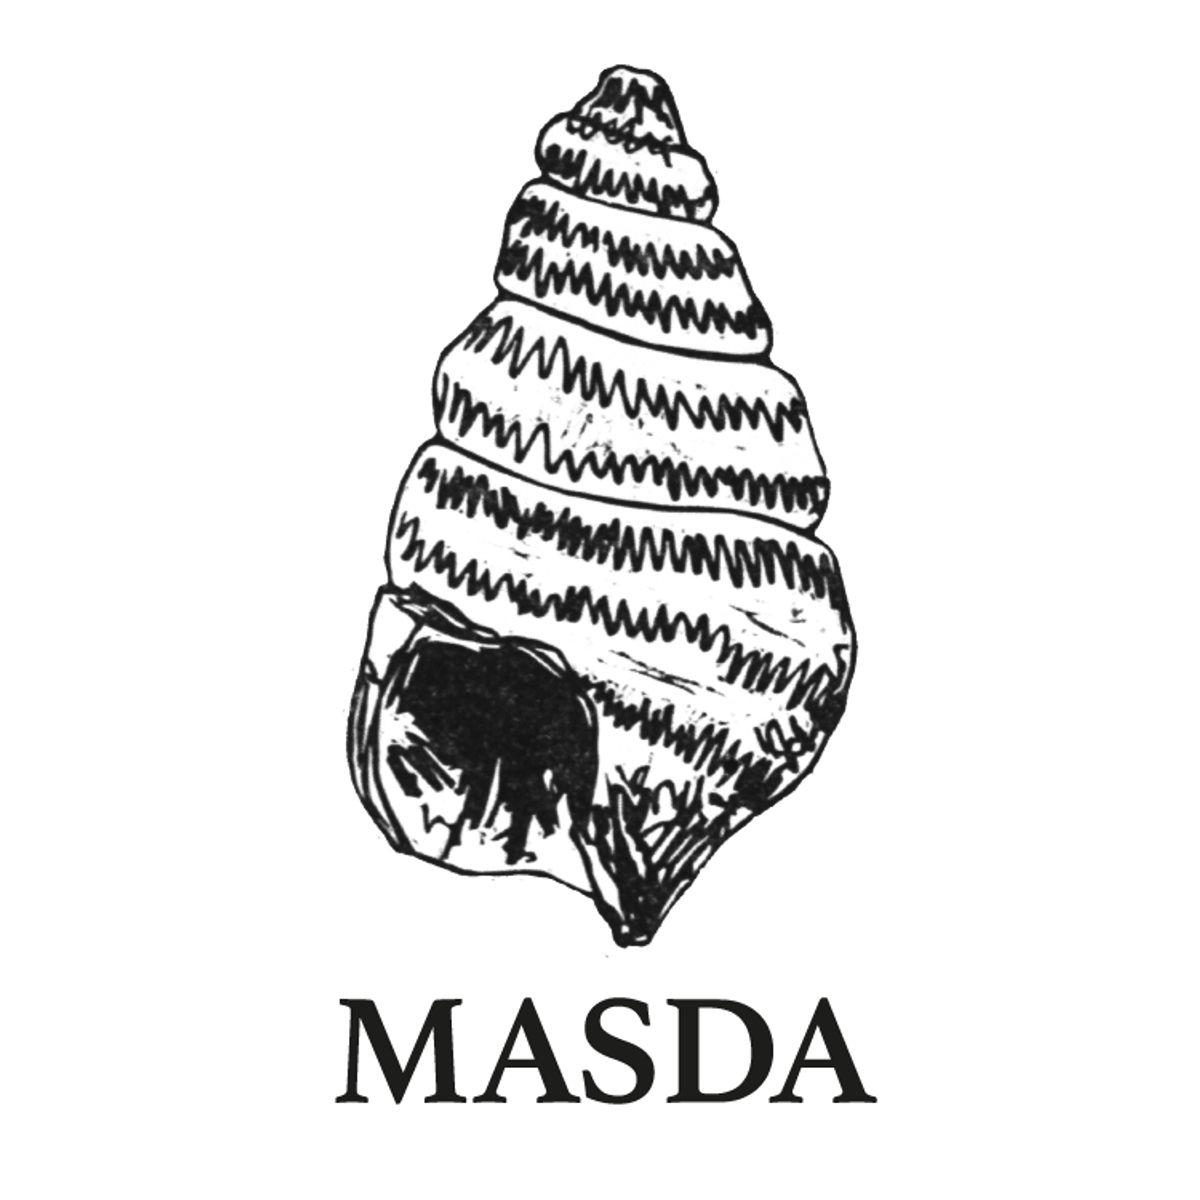 Masda - Do You Know Where I Am?